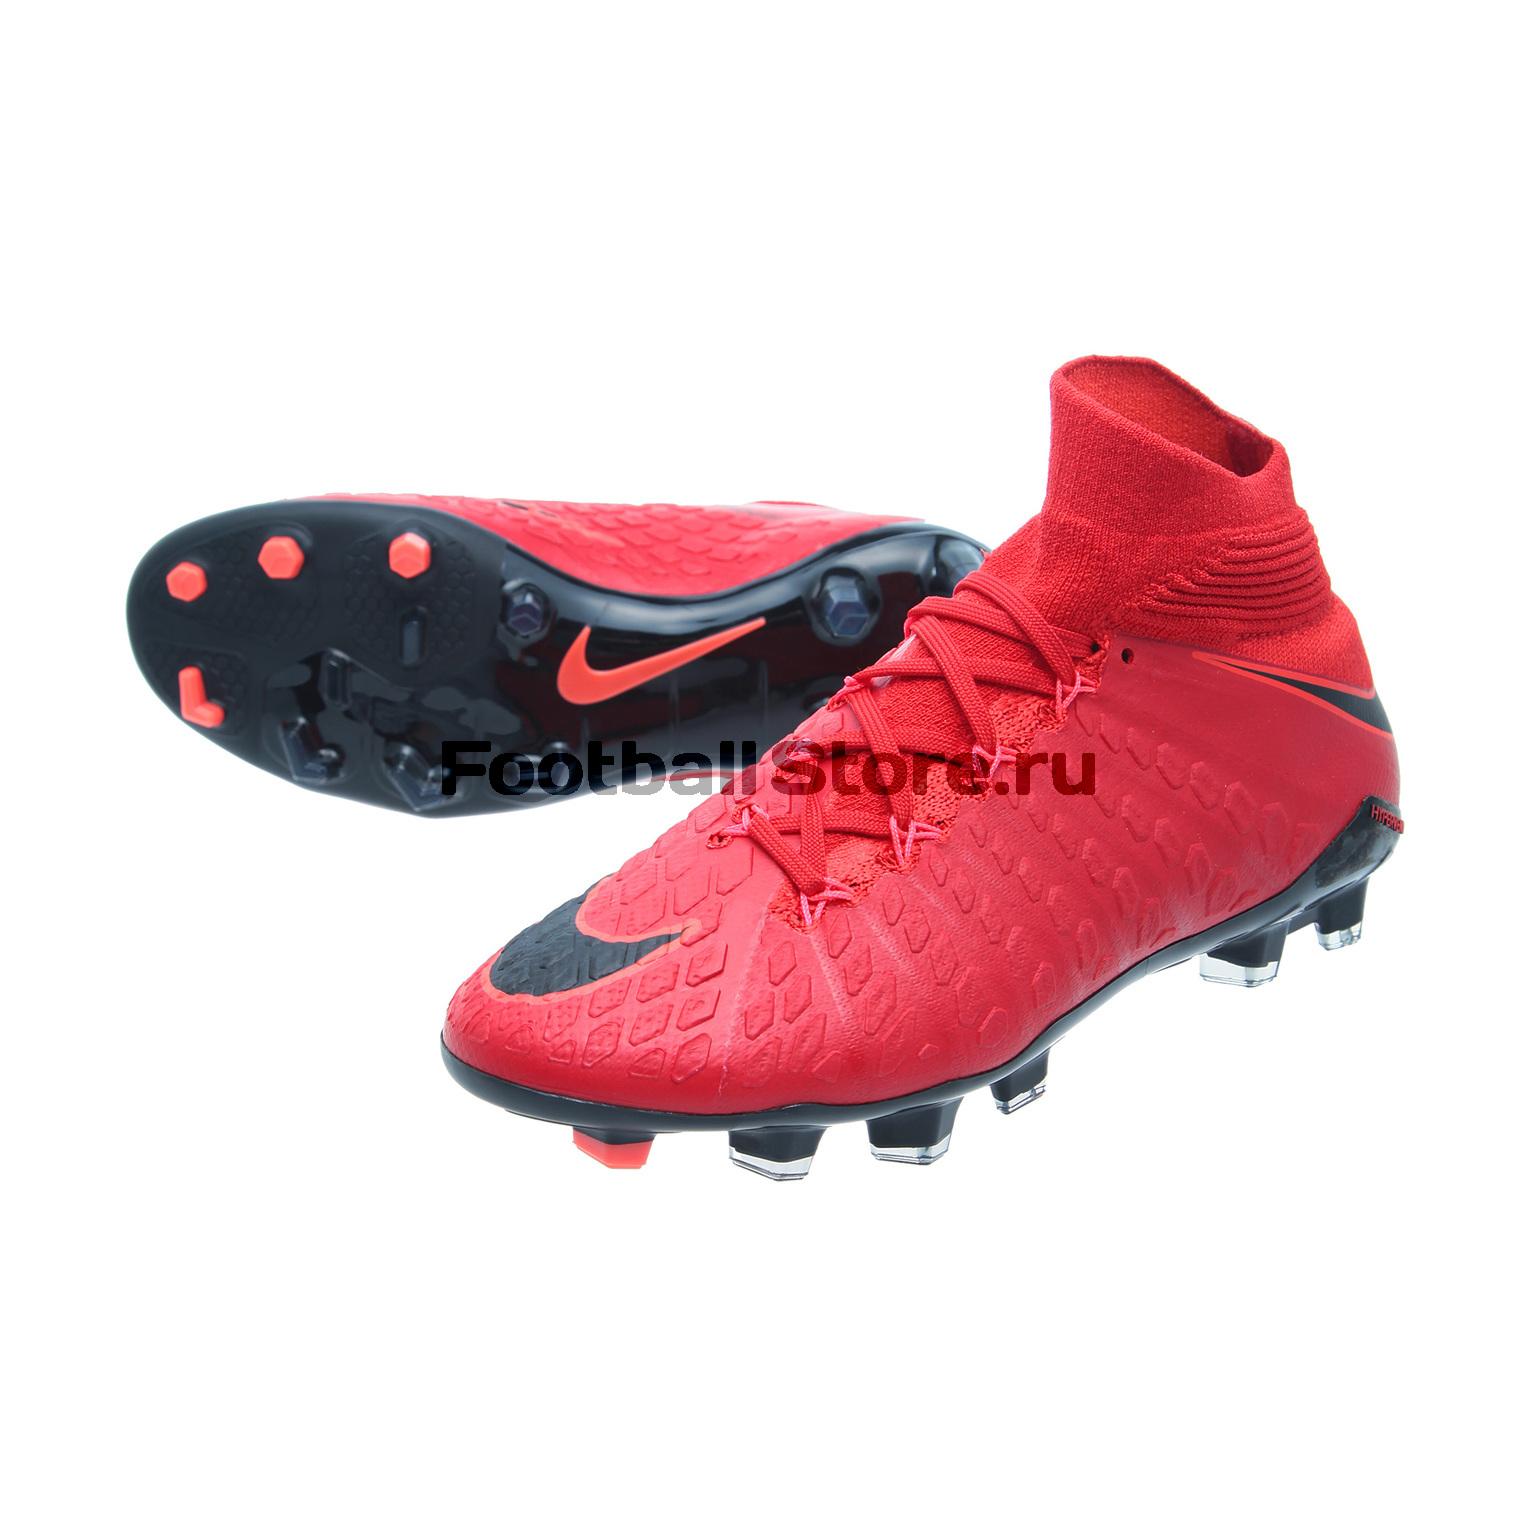 Детские бутсы Nike Бутсы Nike JR Hypervenom Phantom 3 DF FG 882087-616 бутсы зальные nike nike ni464amhbs90